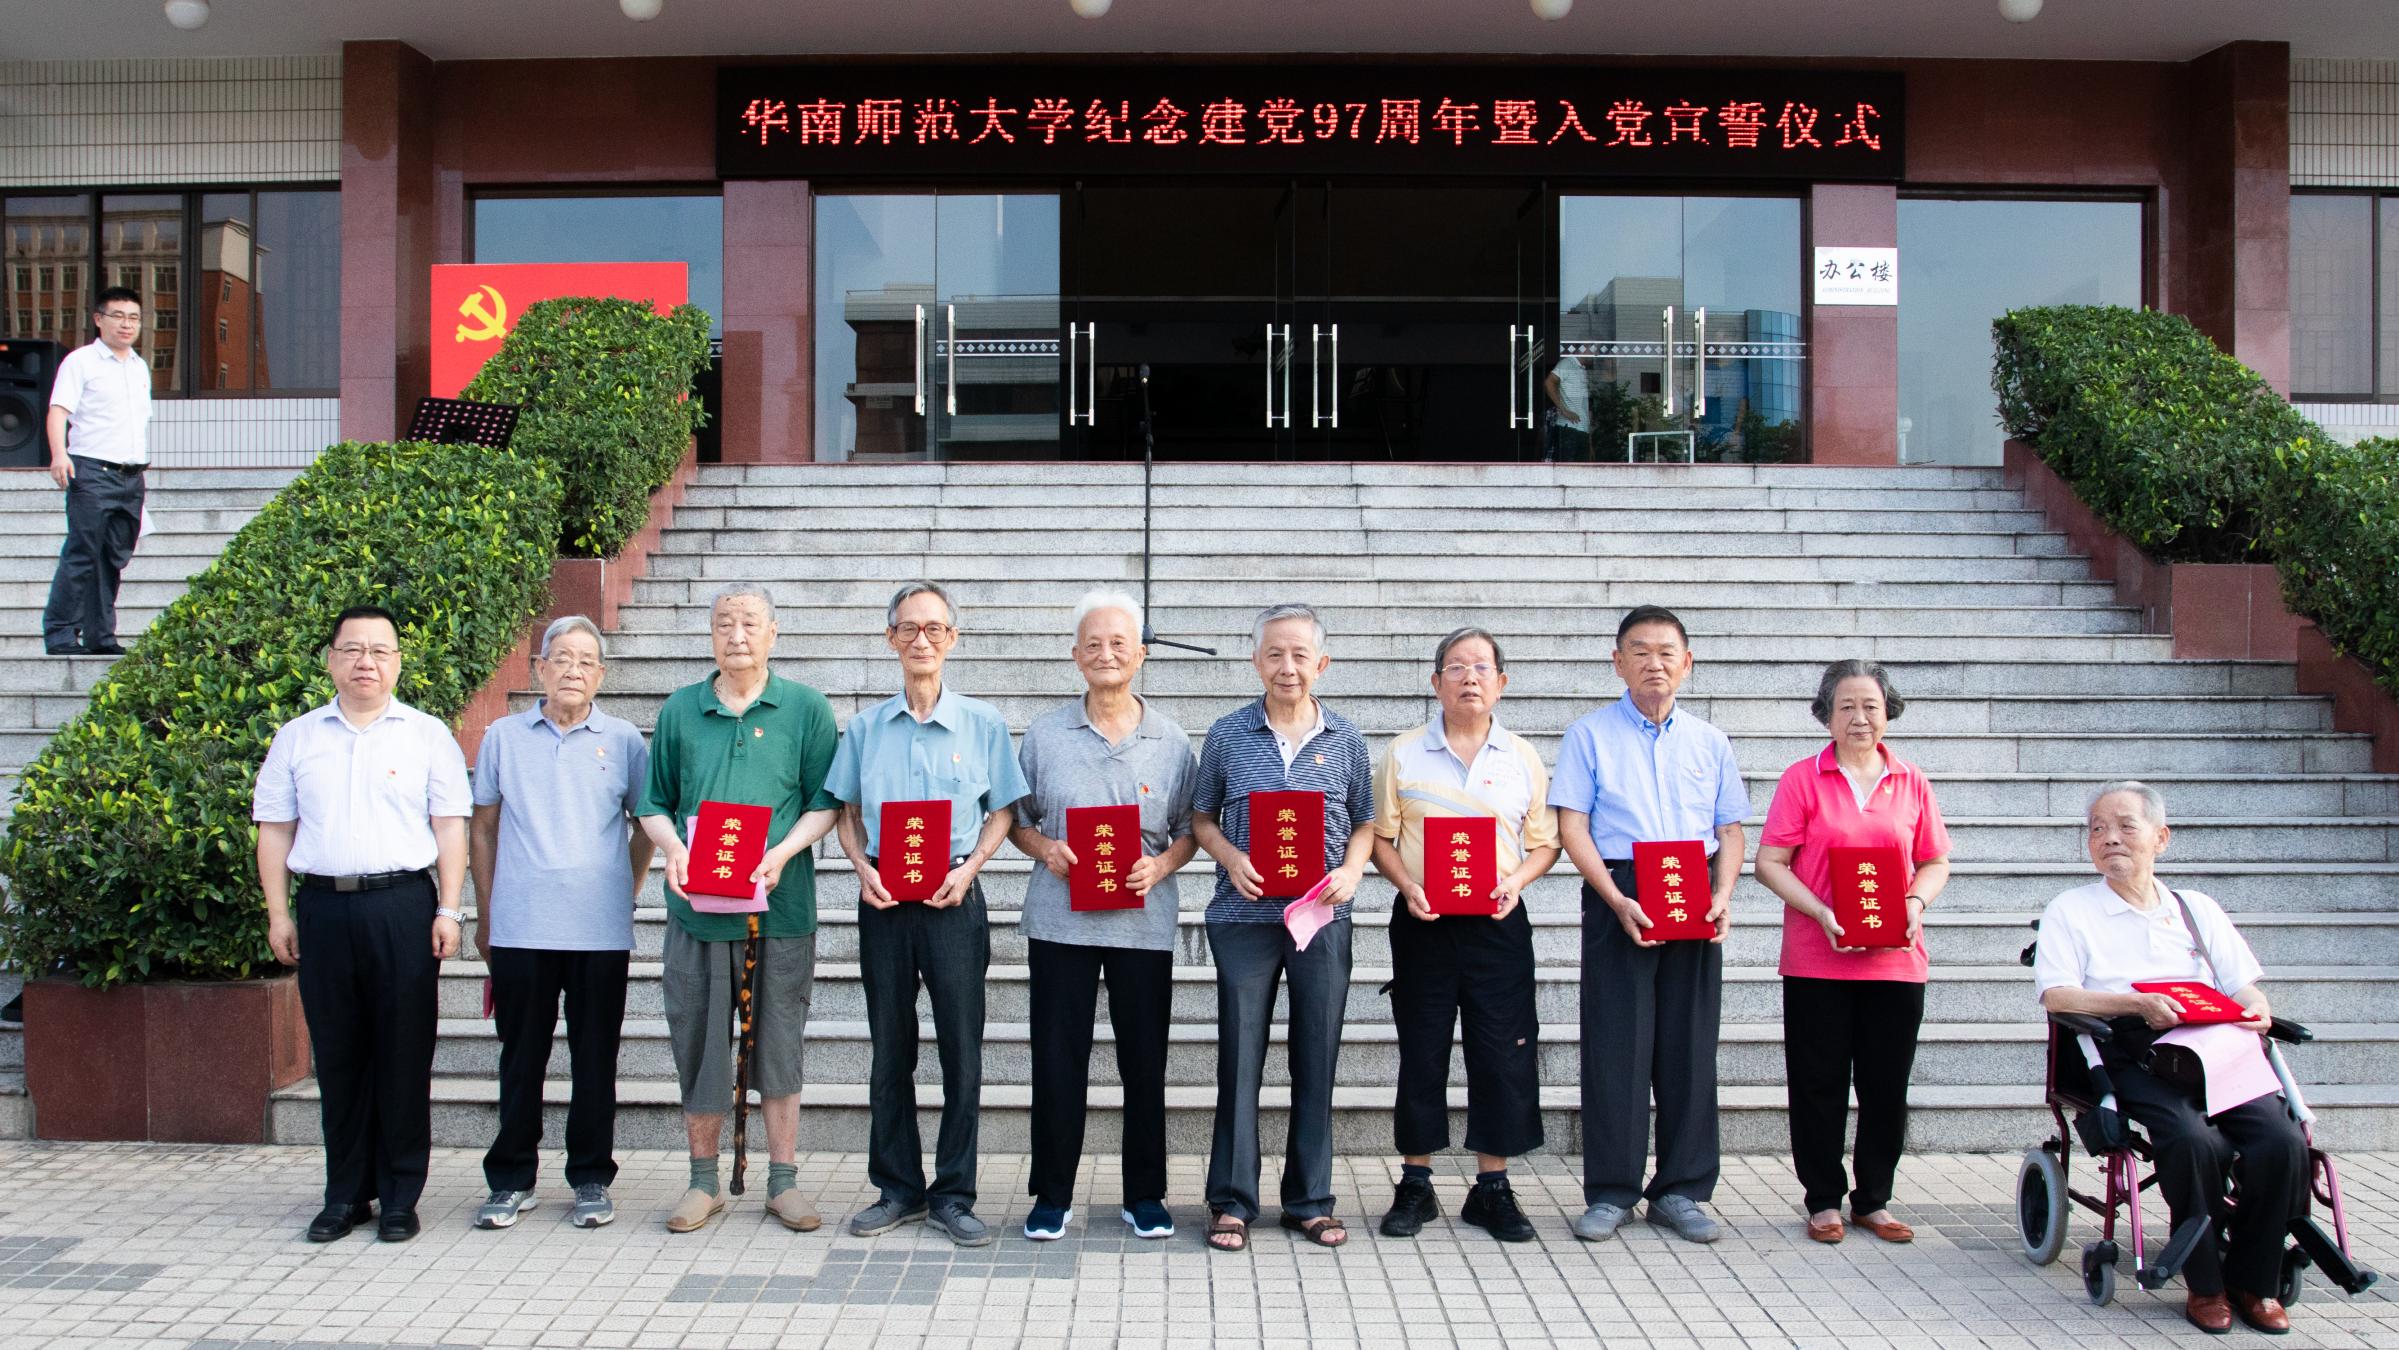 华南师范大学 举行纪念中国共产党成立97周年暨入党宣誓仪式